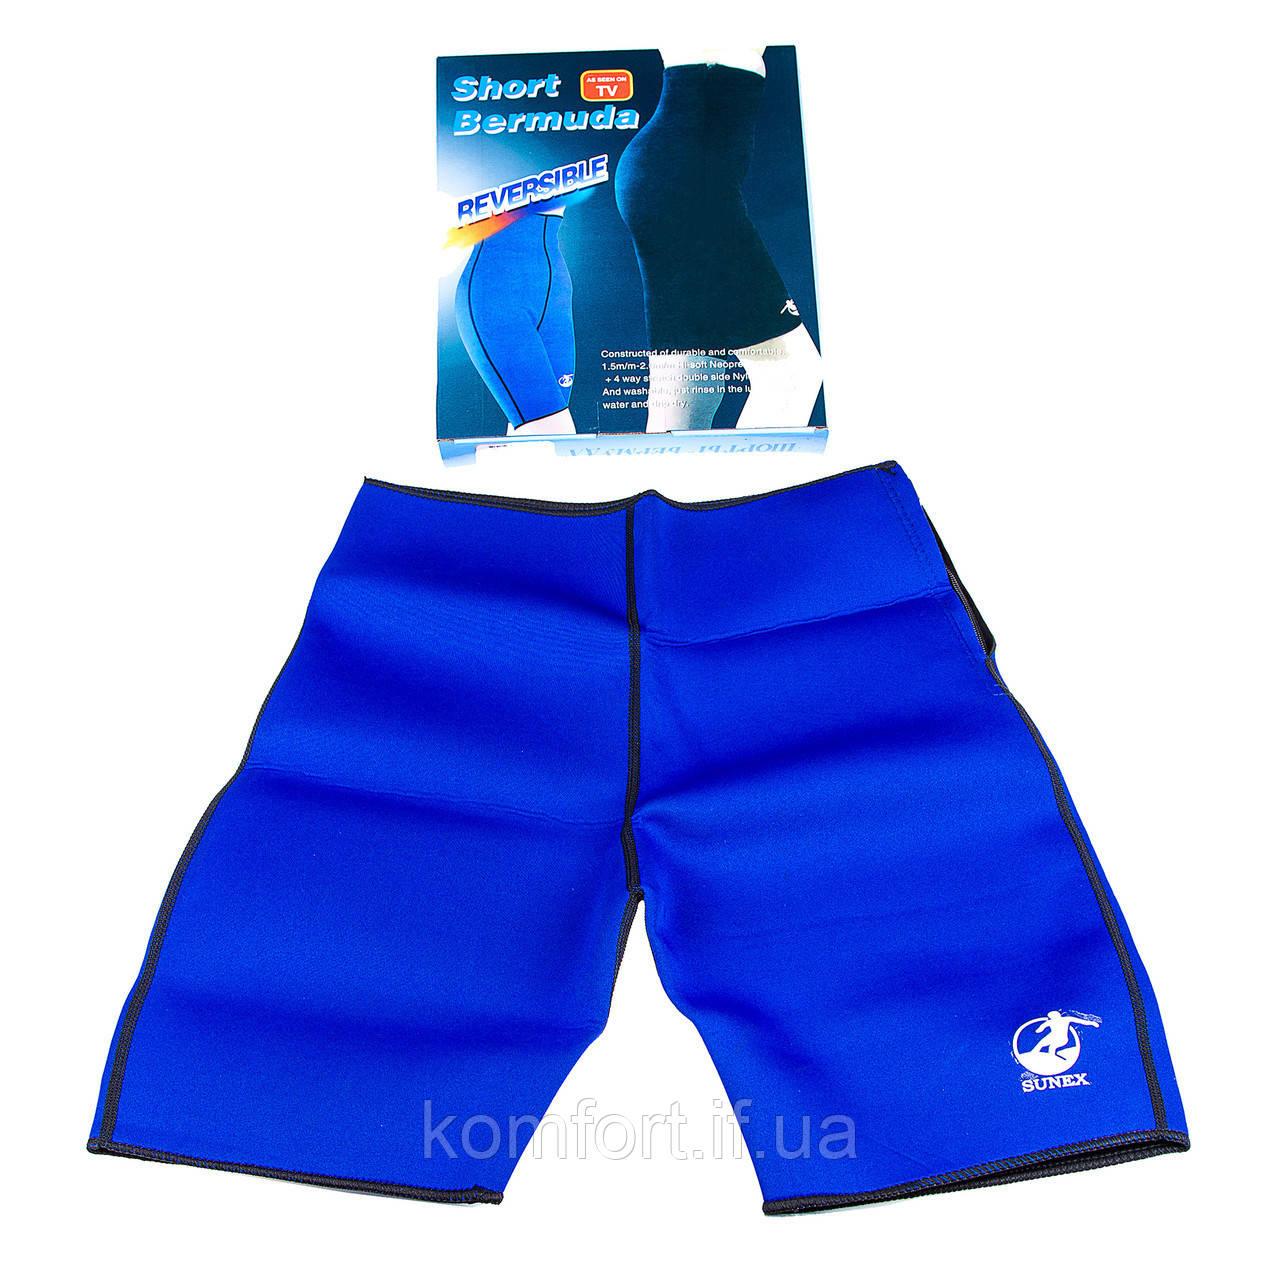 Корректирующие шорты для похудения с эффектом сауны Short Bermuda Reversible